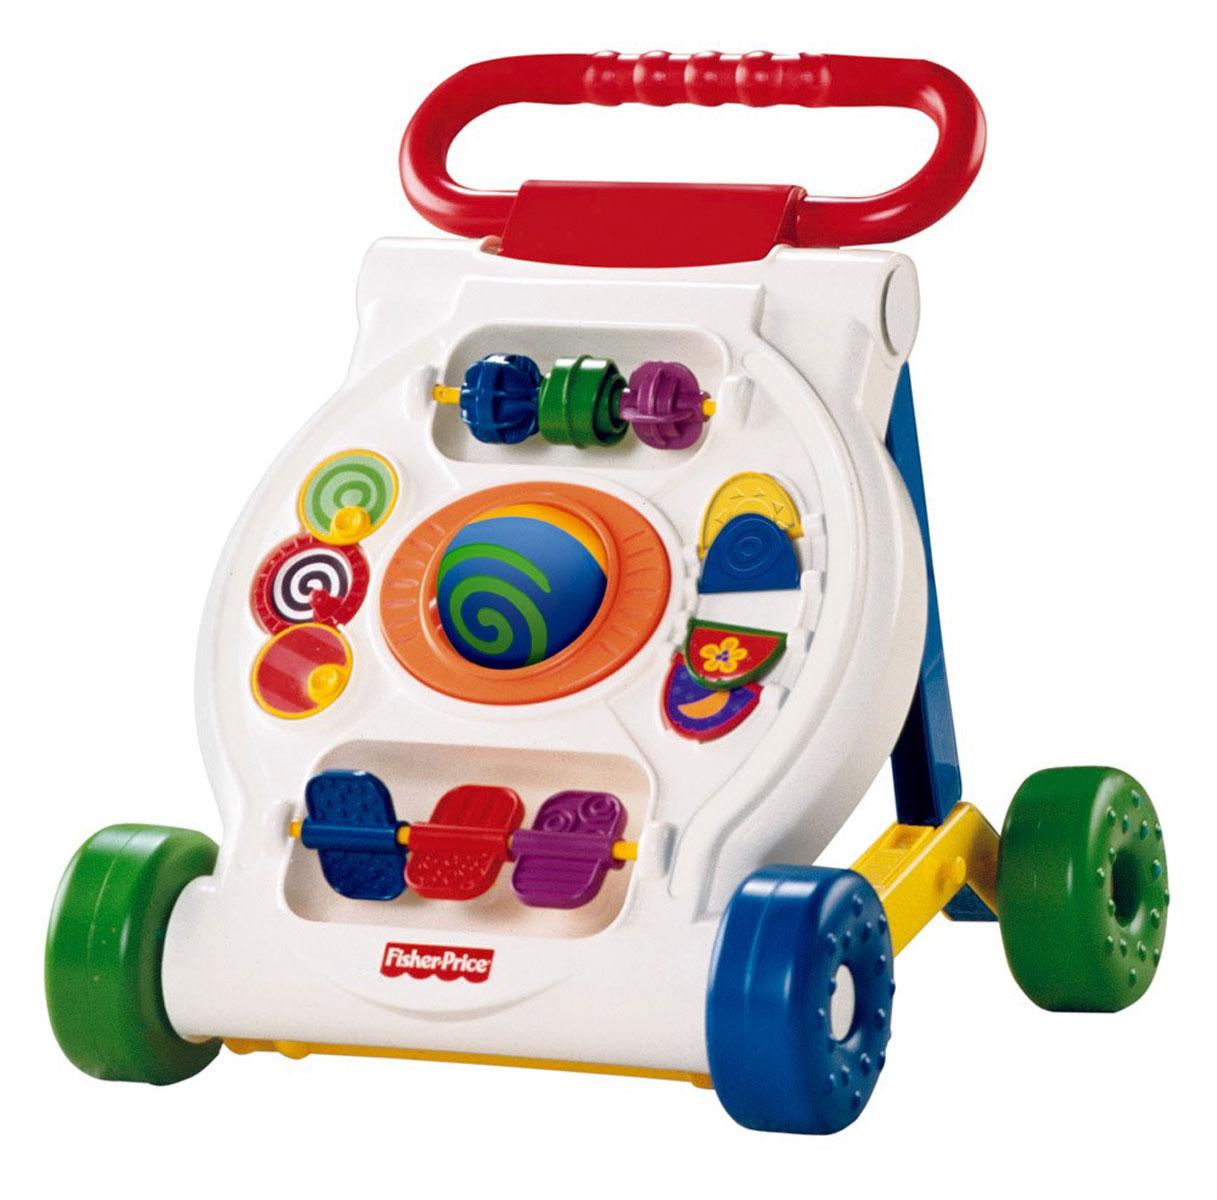 """Яркие ходунки Fisher-Price """"Infant"""" приведут в восторг вашего ребенка и надолго займут его внимание. Они помогут малышу быстрее научиться ходить и не позволят ему скучать во время отдыха, ведь они оснащены различными увлекательными элементами для маленького непоседы. Ходунки представляют собой многофункциональный мобильный игровой центр, который поможет малышу сделать первые шаги и свободно передвигаться по дому. Ходунки снабжены четырьмя пластиковыми колесиками и удобной ручкой. Ребенок сможет катить их и, держась за ручку, толкать их перед собой. А когда малыш устанет, он сможет сесть и поиграть. В центре игровой панели расположен вращающийся двухцветный шар. Сверху на ось нанизаны три рельефных колесика, которые малыш с удовольствием будет вращать или передвигать из стороны в сторону. В нижней части расположены вращающиеся вертушки. По бокам находятся крутящиеся диски и переворачивающиеся створки с изображениями животных. Ходунки """"Infant"""" помогут вашему ребенку..."""